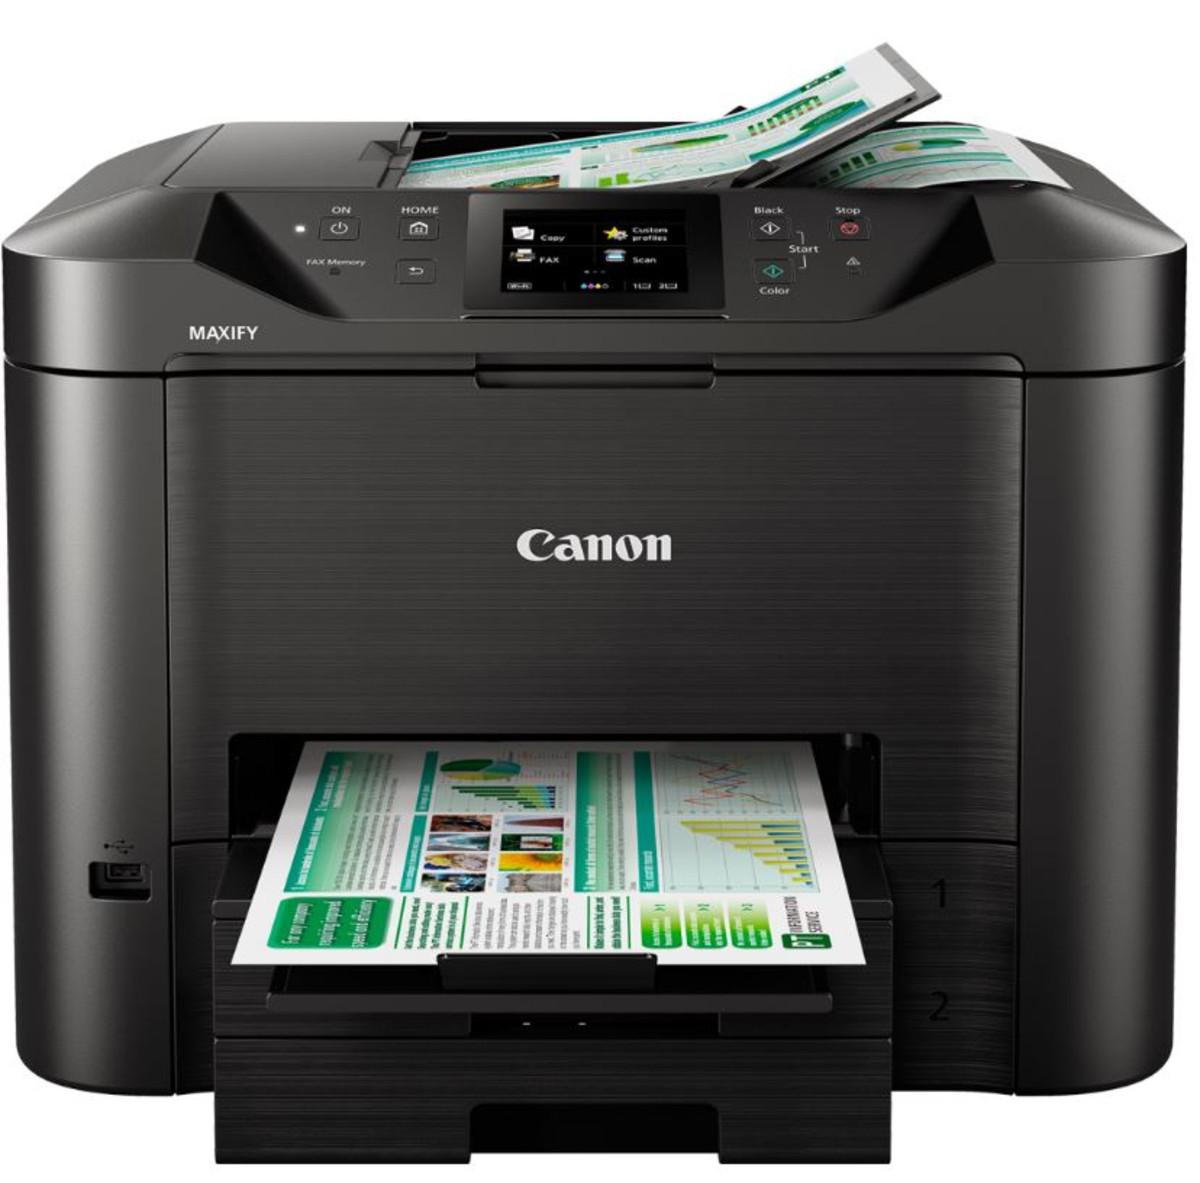 Canon Maxify MB5460 Inkjet Printer